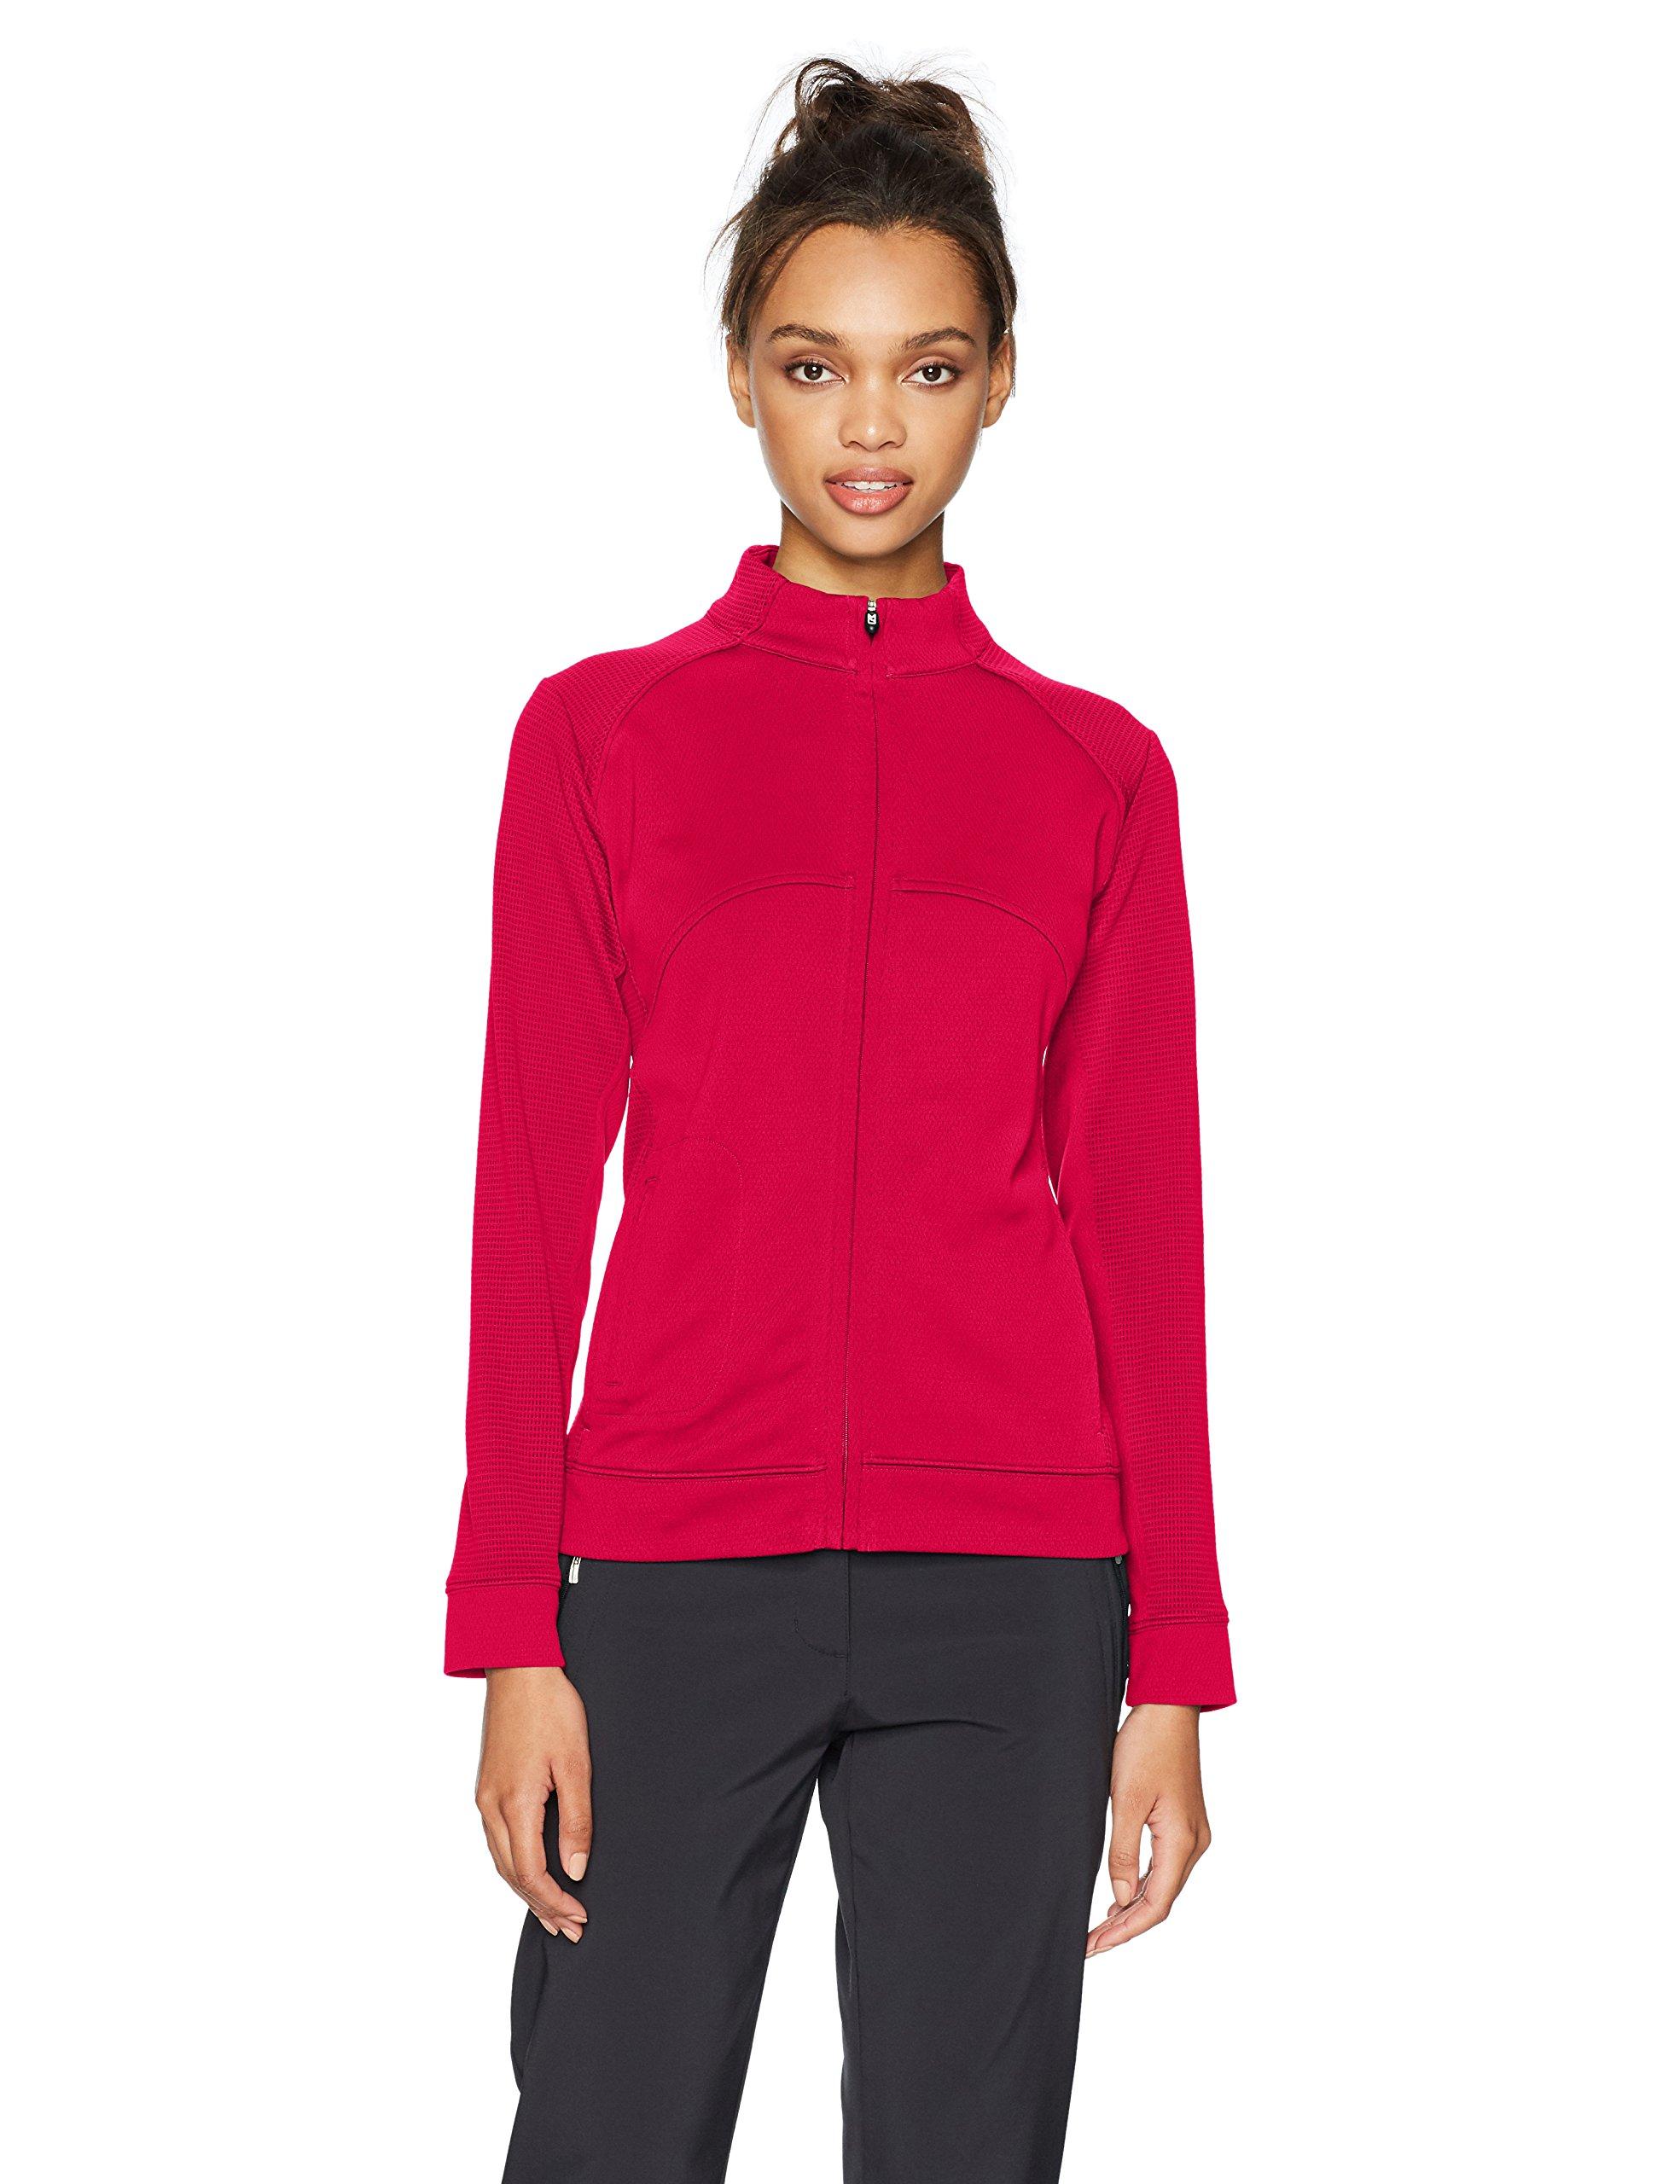 Cutter & Buck Women's CB Drytec Edge Full Zip, Cardinal Red, XXX-Large